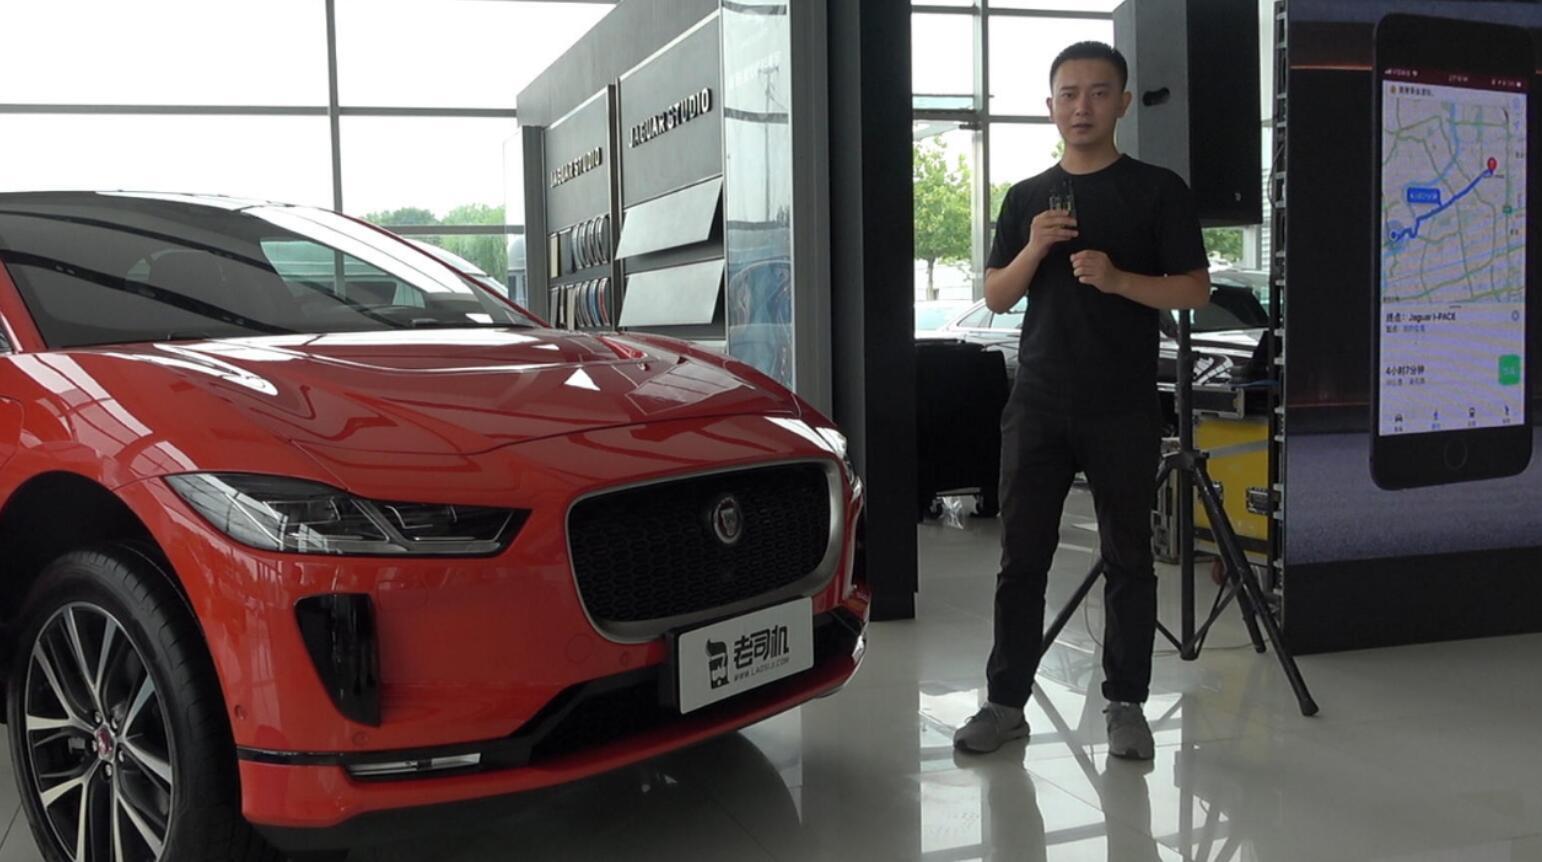 【每天一款实拍车】 徐超体验捷豹I-PACE,新能源电动中型SUV